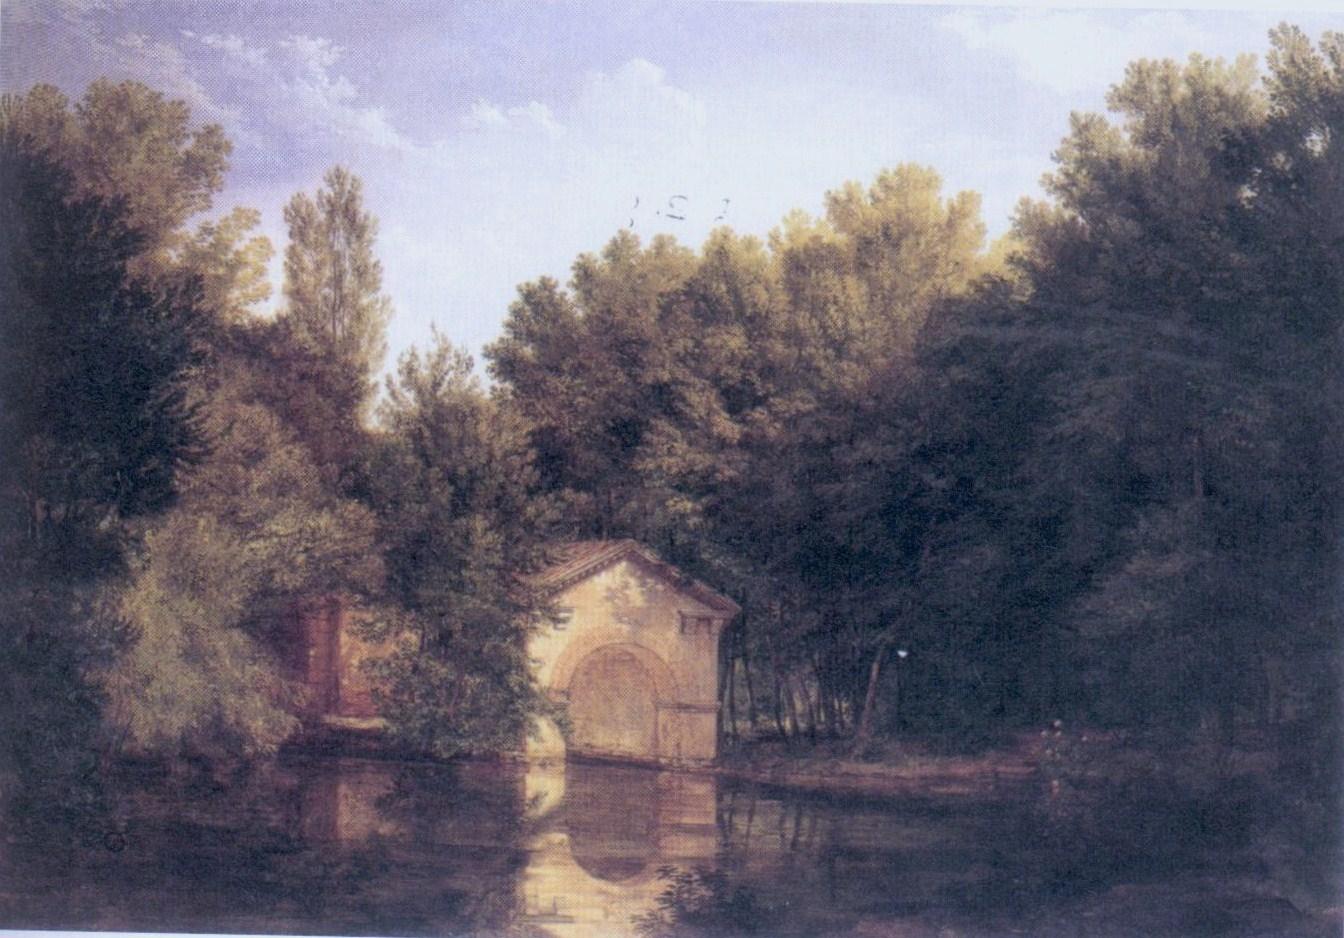 Pelagio Palagi Darsena del laghetto del giardino di Desio Villa Traversi Bologna galleria arte moderna